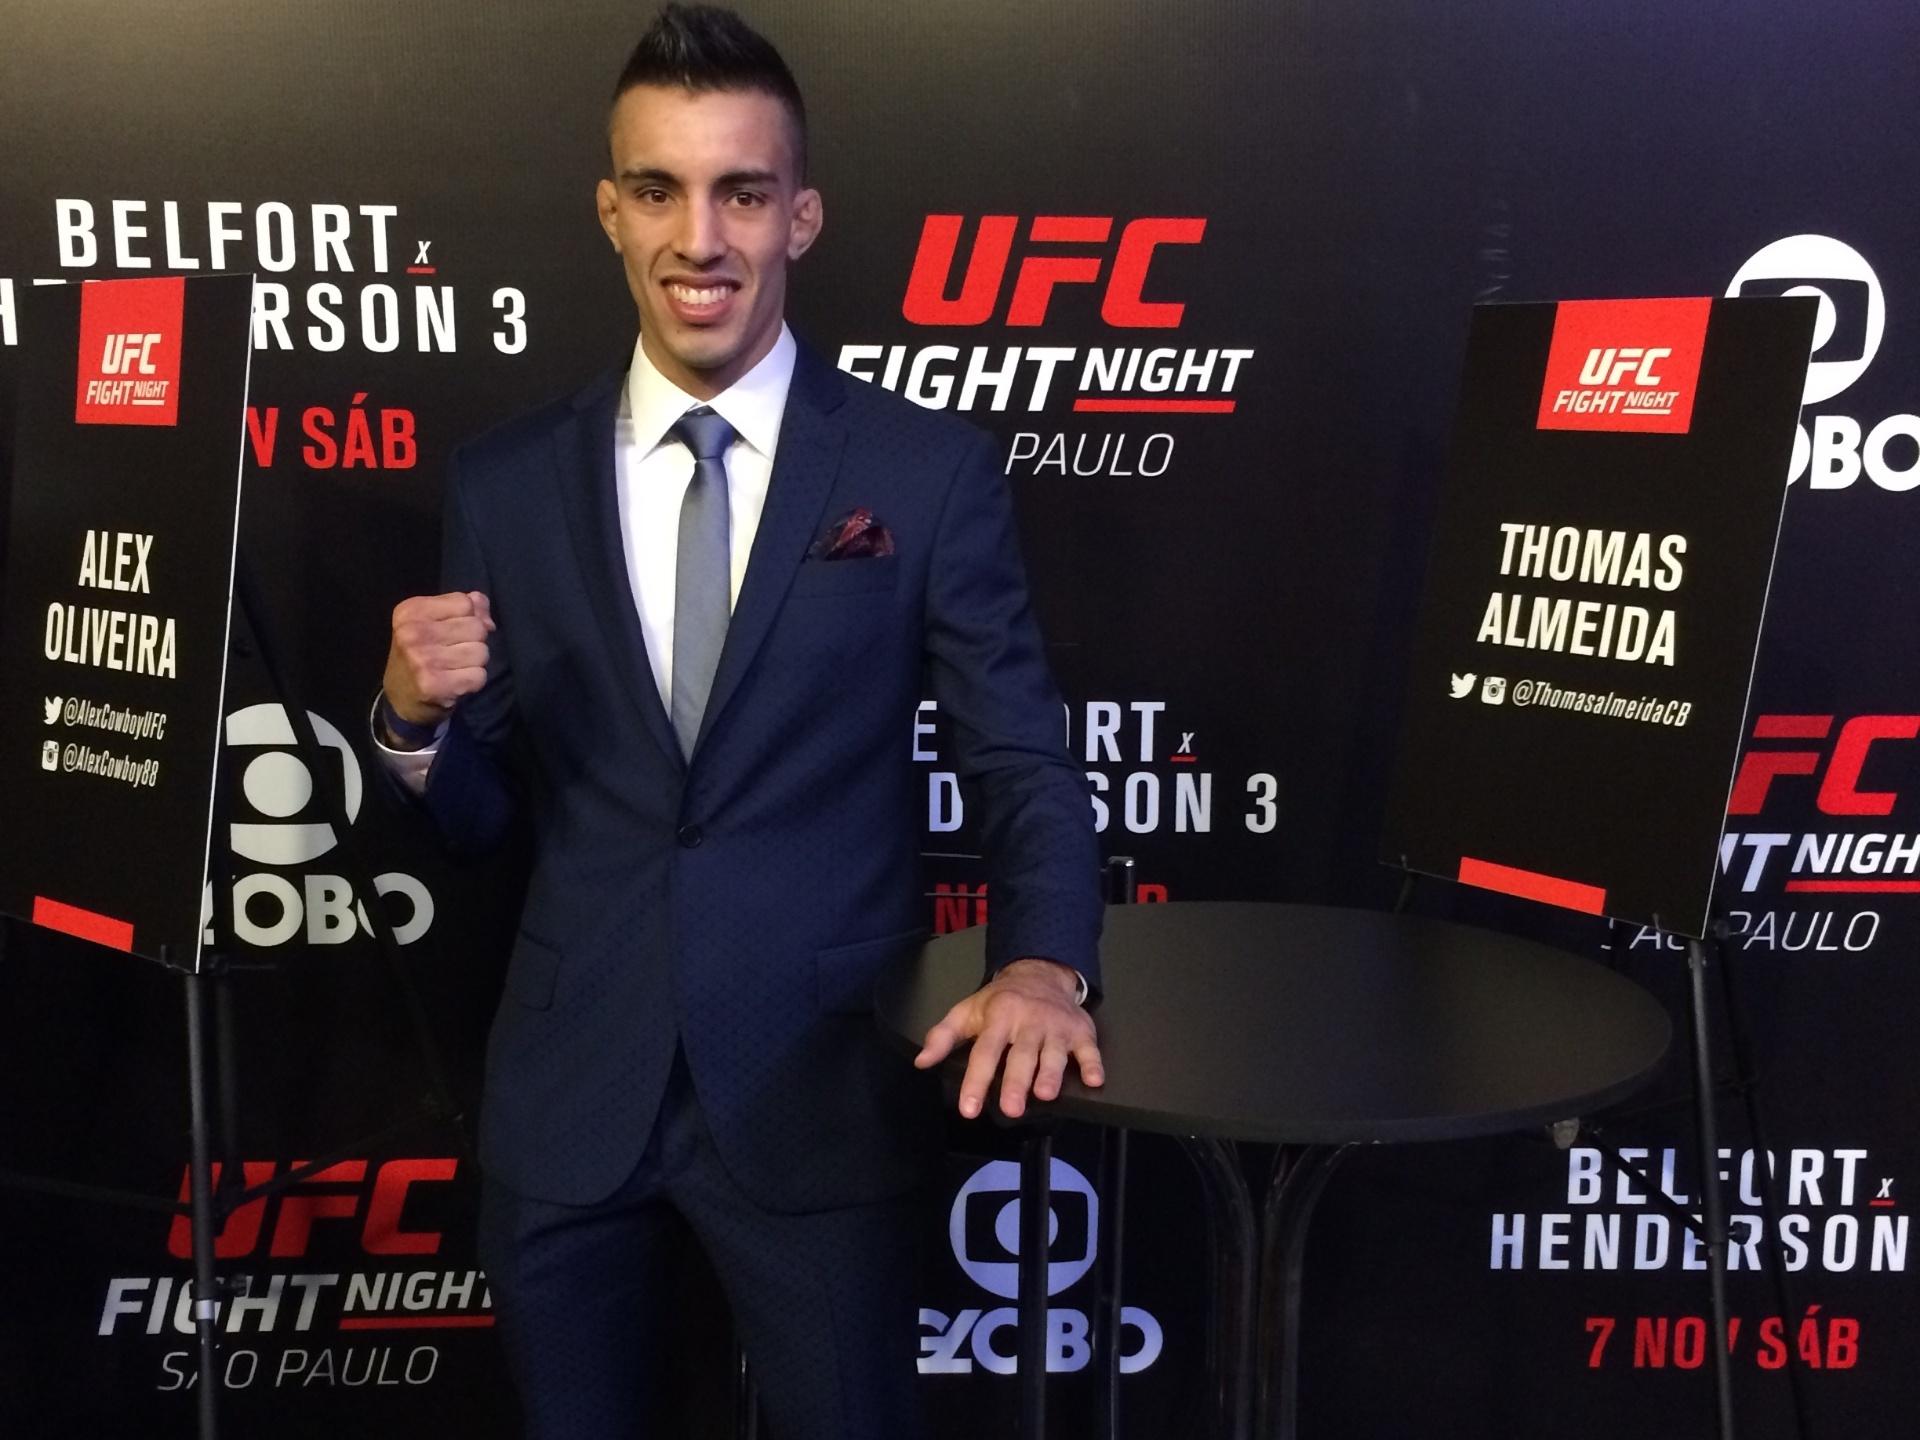 Thomas Almeida veste terno da grife Ricardo Almeida, em evento de mídia do UFC, nesta quinta-feira (5), em São Paulo